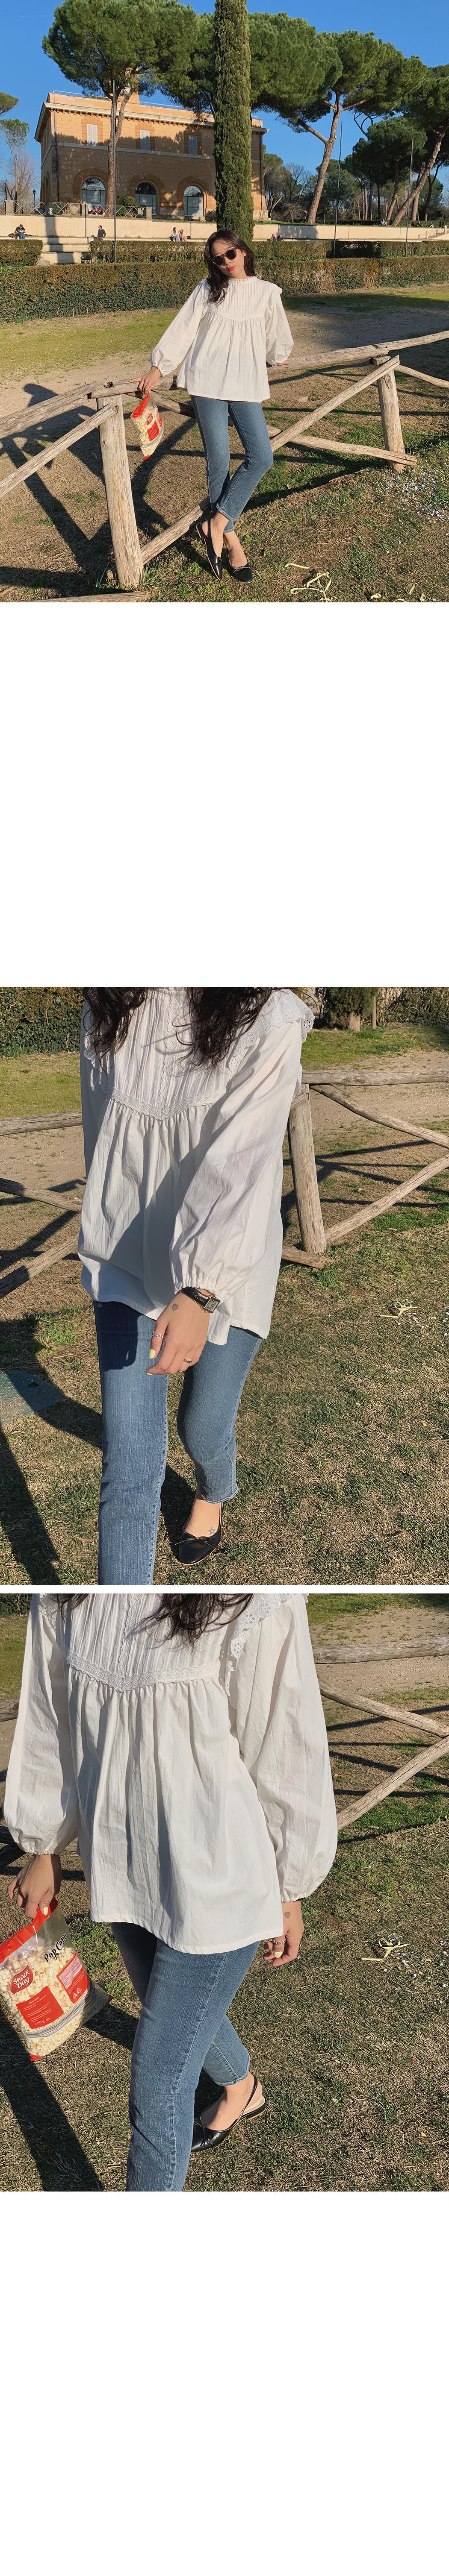 Marmalade ♥. Confi Frillfin tuck blouse